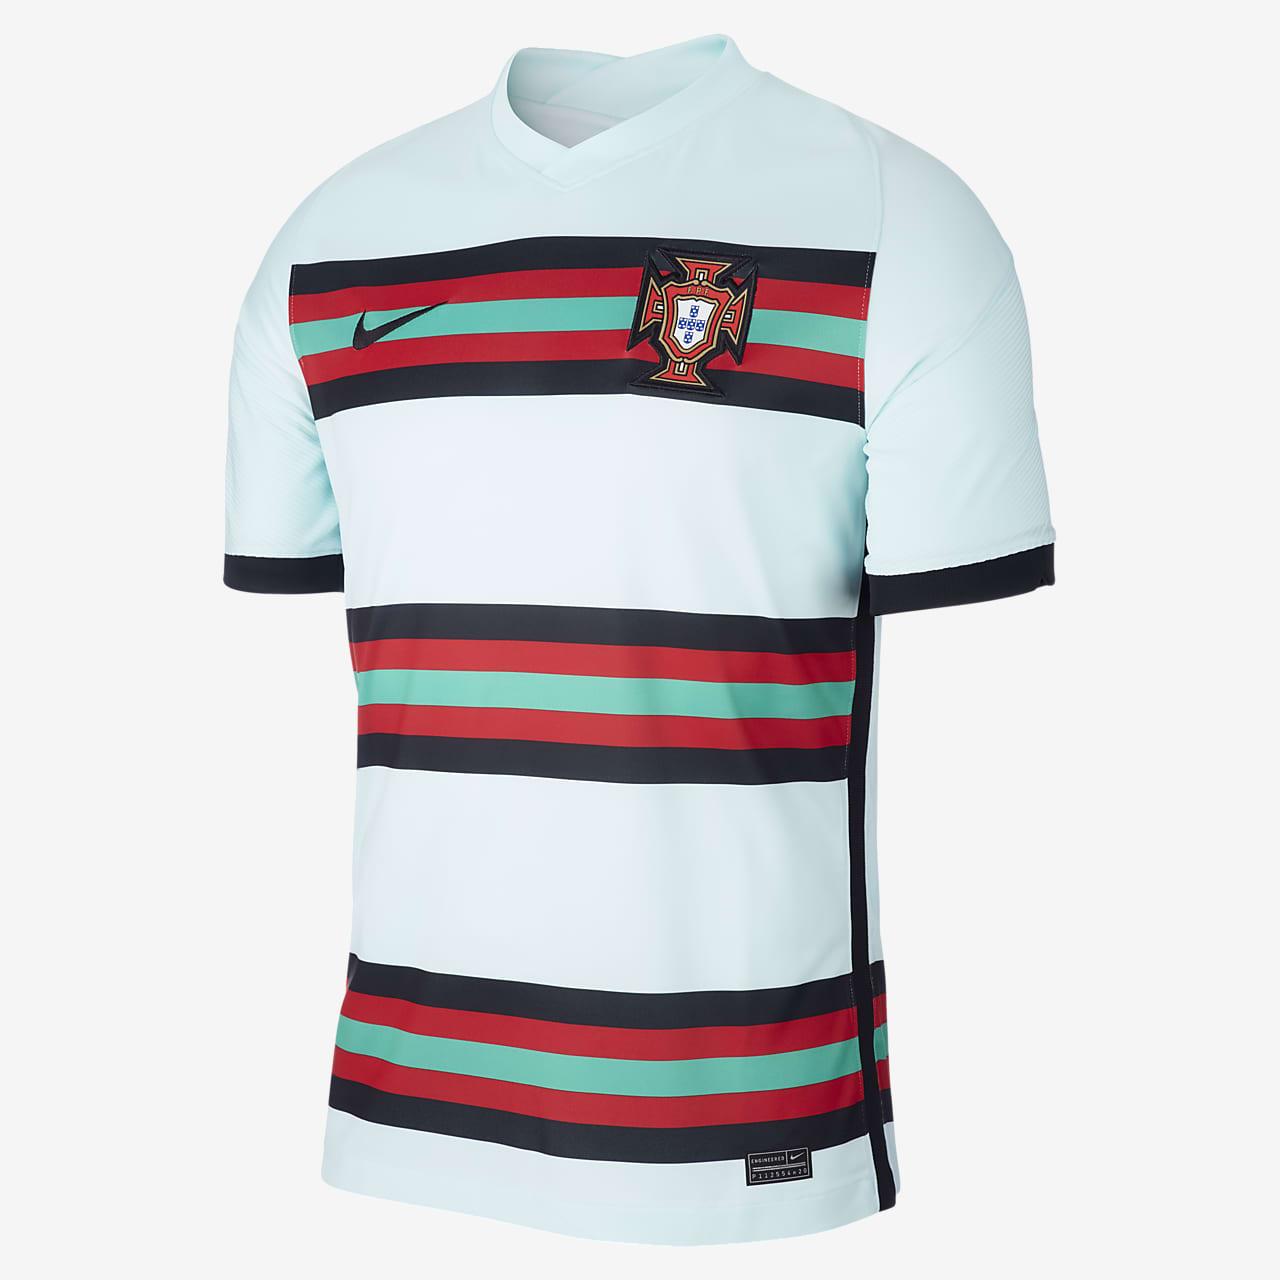 2020 赛季葡萄牙队客场球迷版男子足球球衣